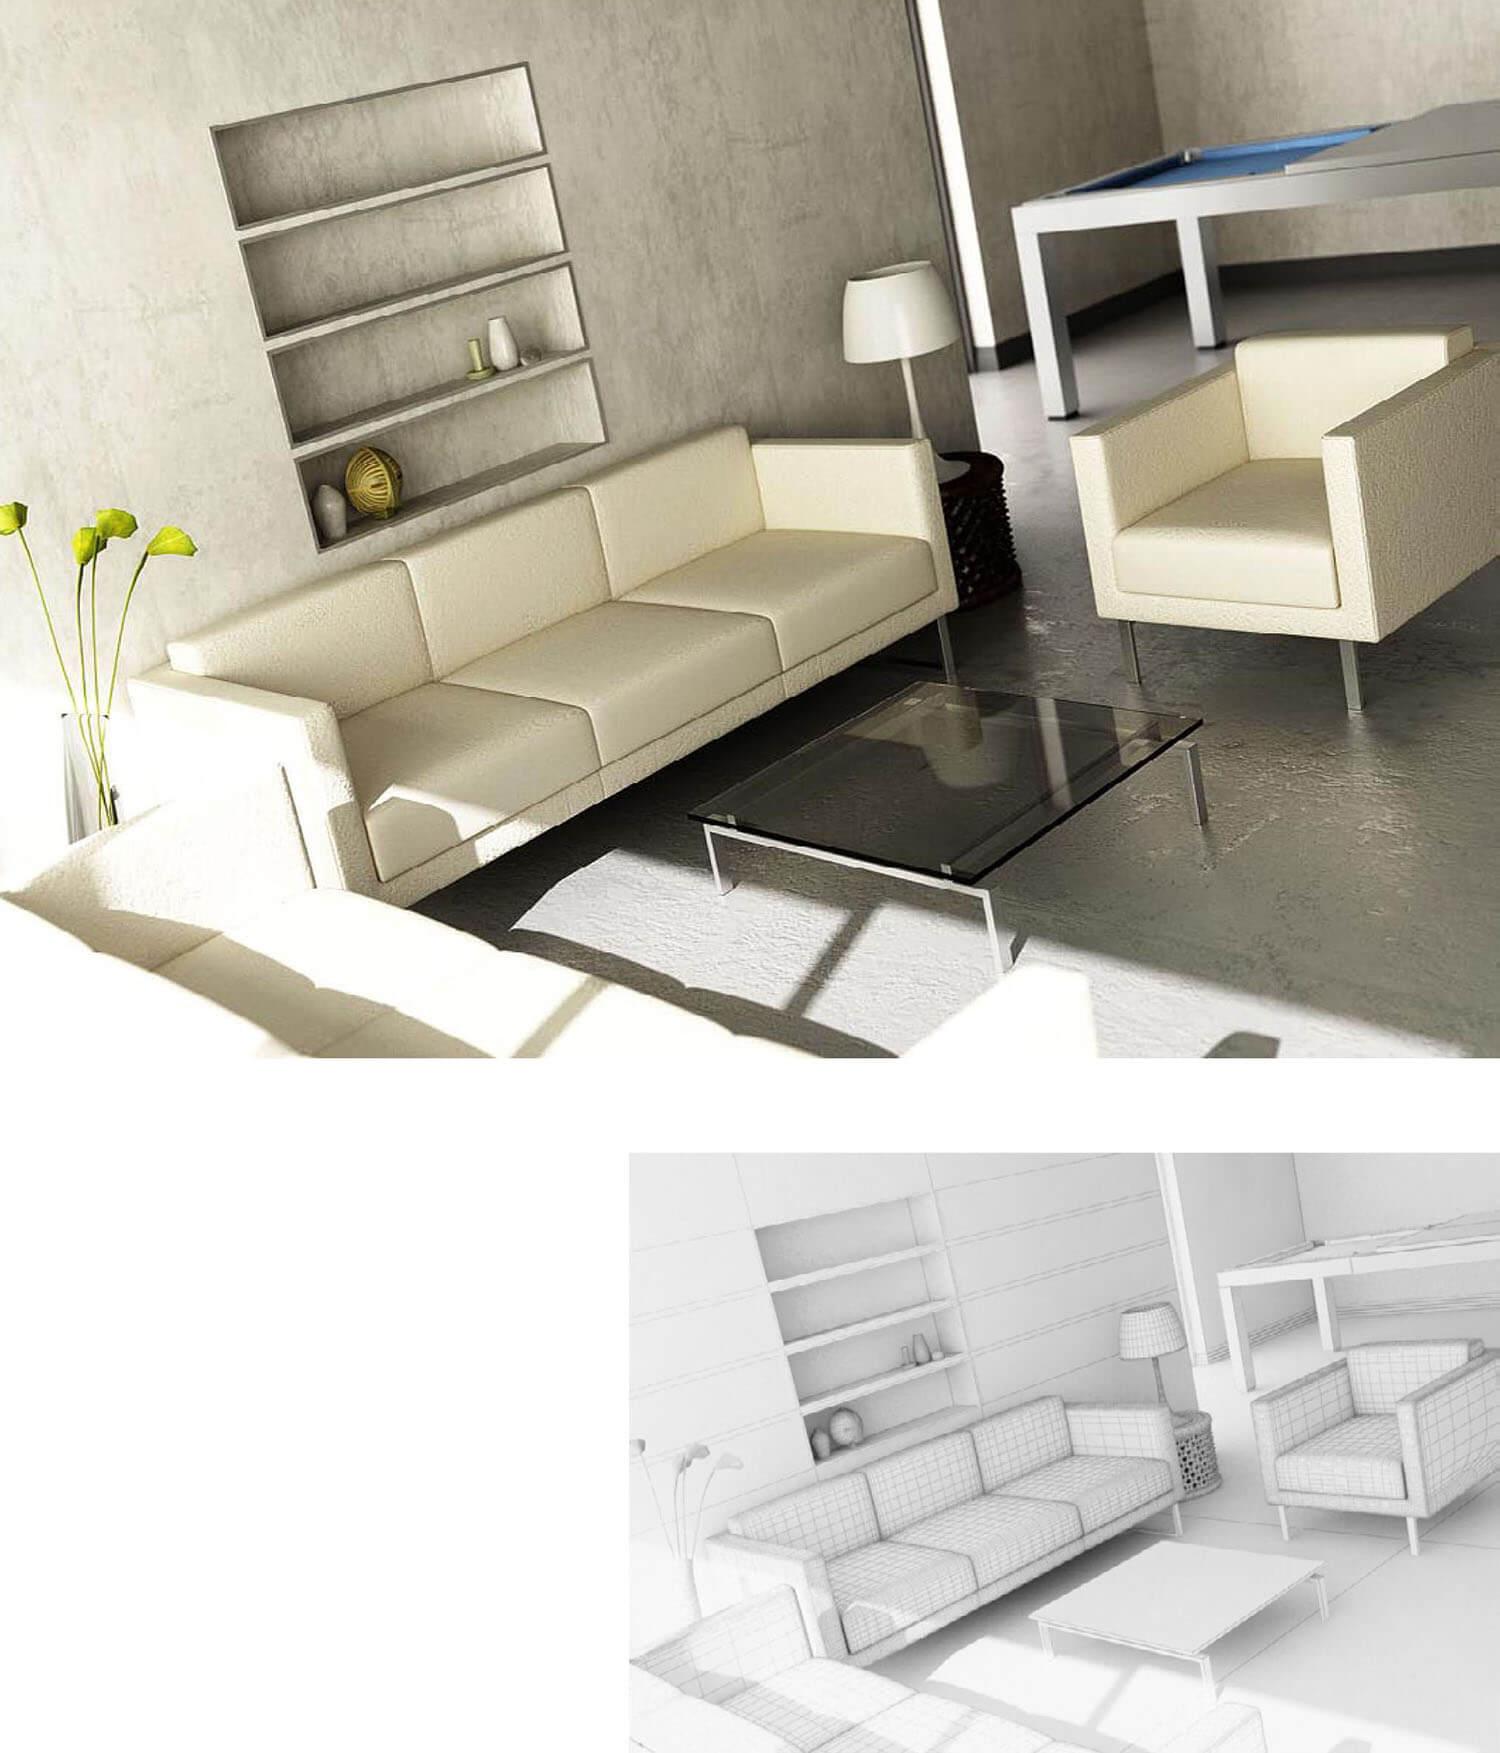 Nội thất phòng khách ghế salon trắng kết hợp đồng màu với sơn tường